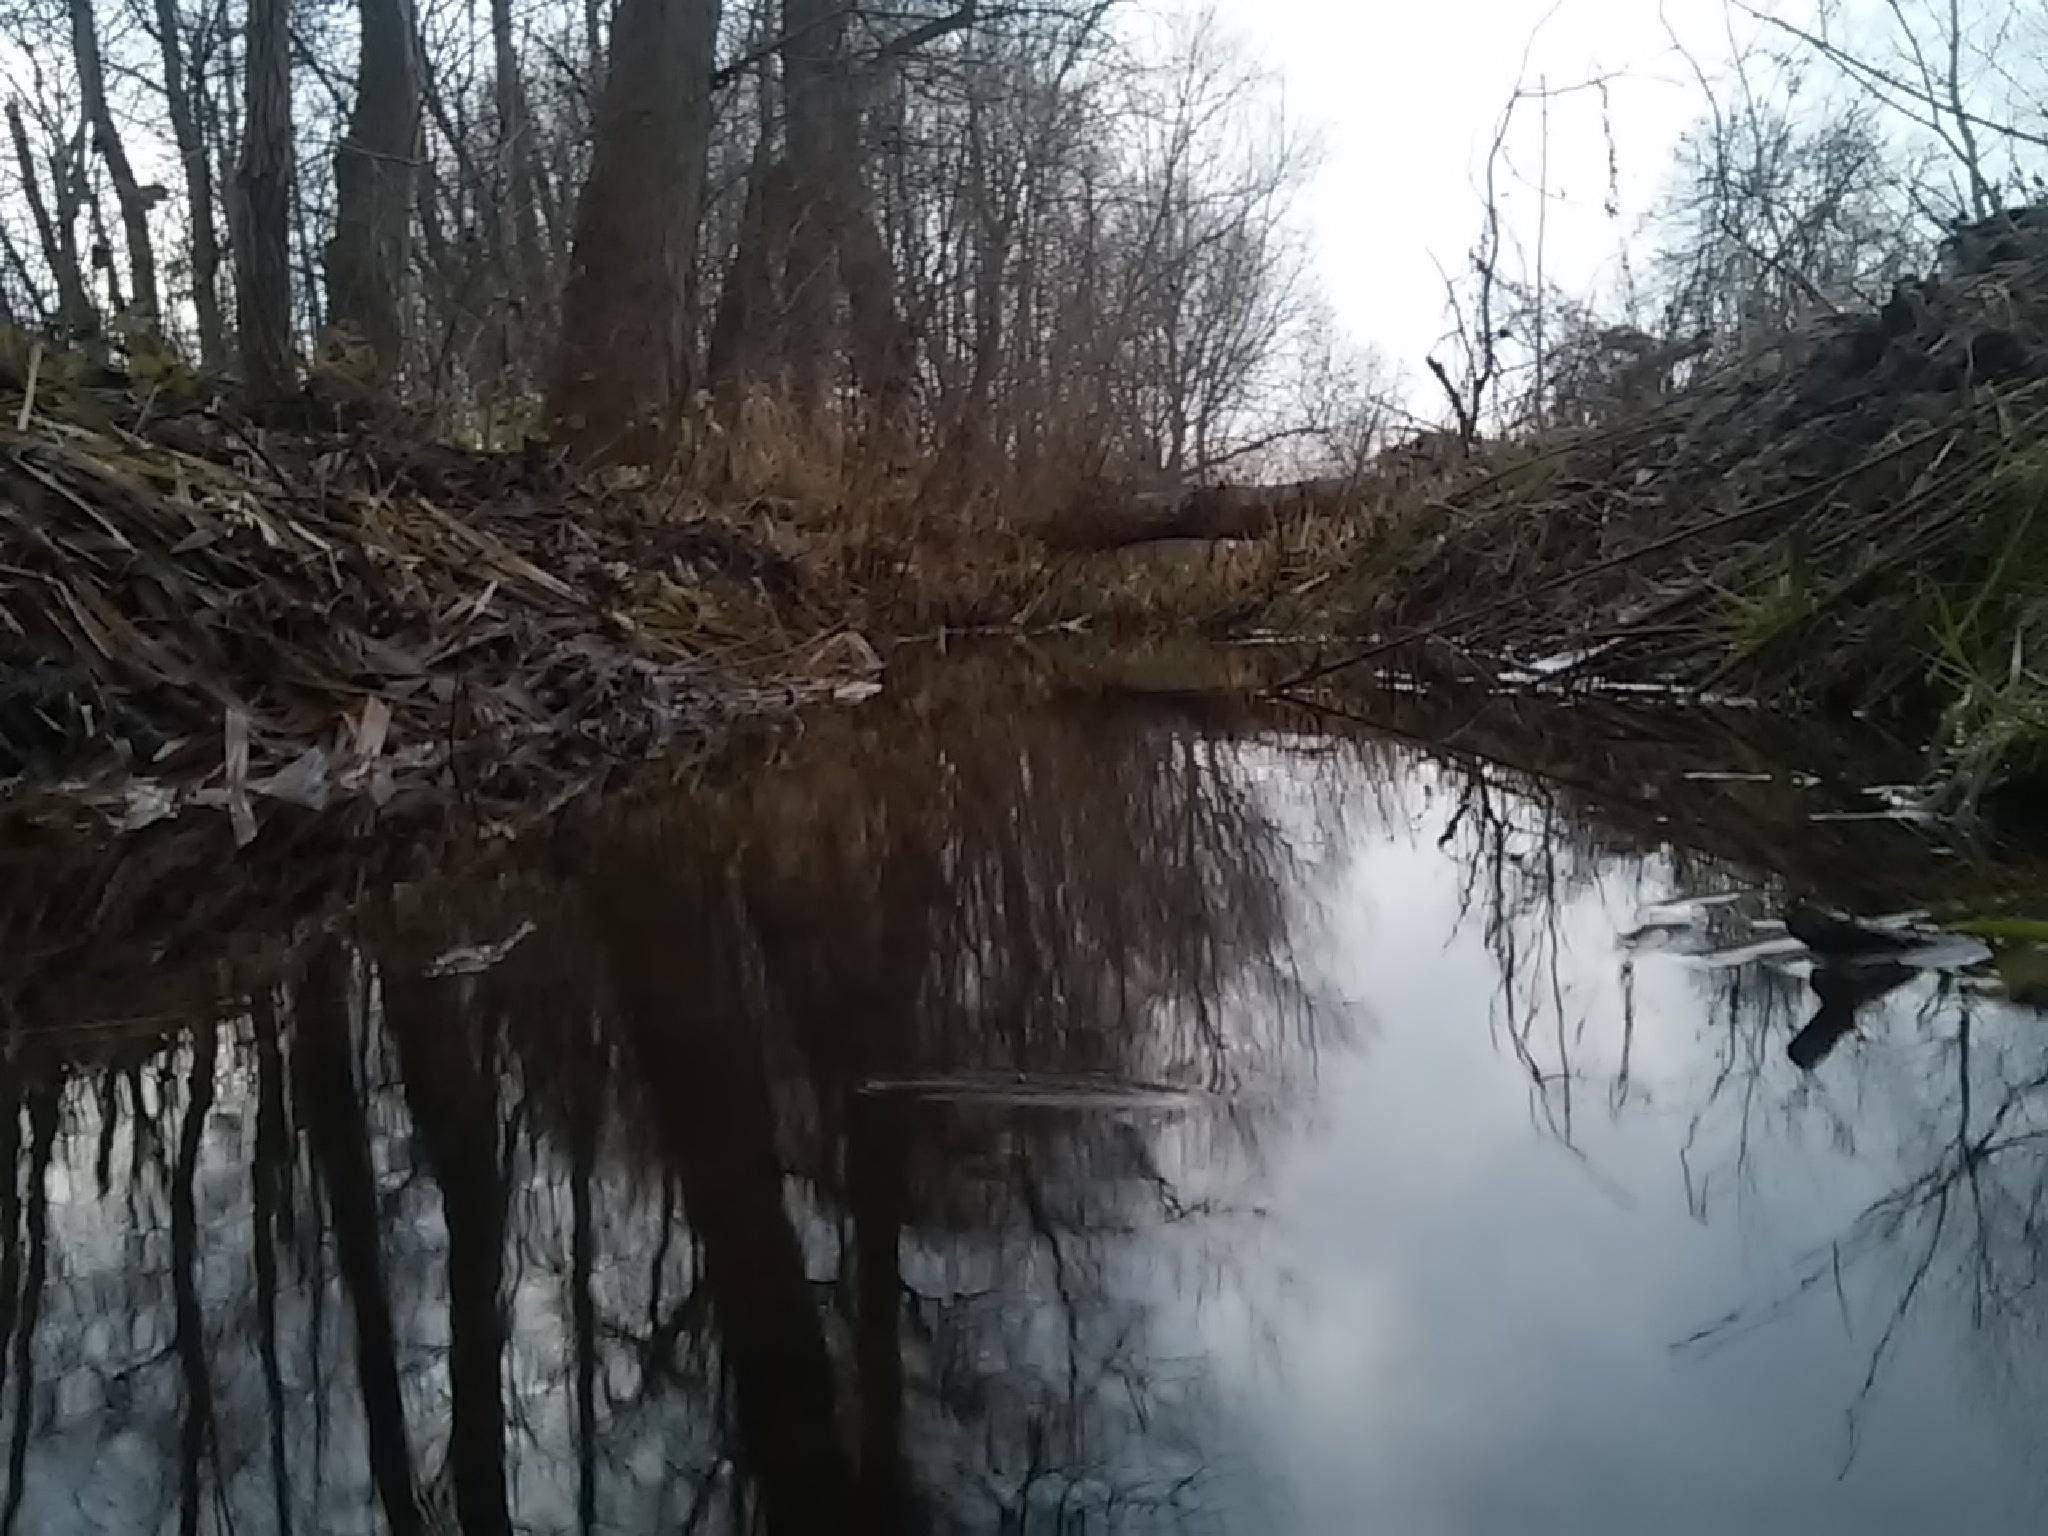 My little river by ScreepsEye